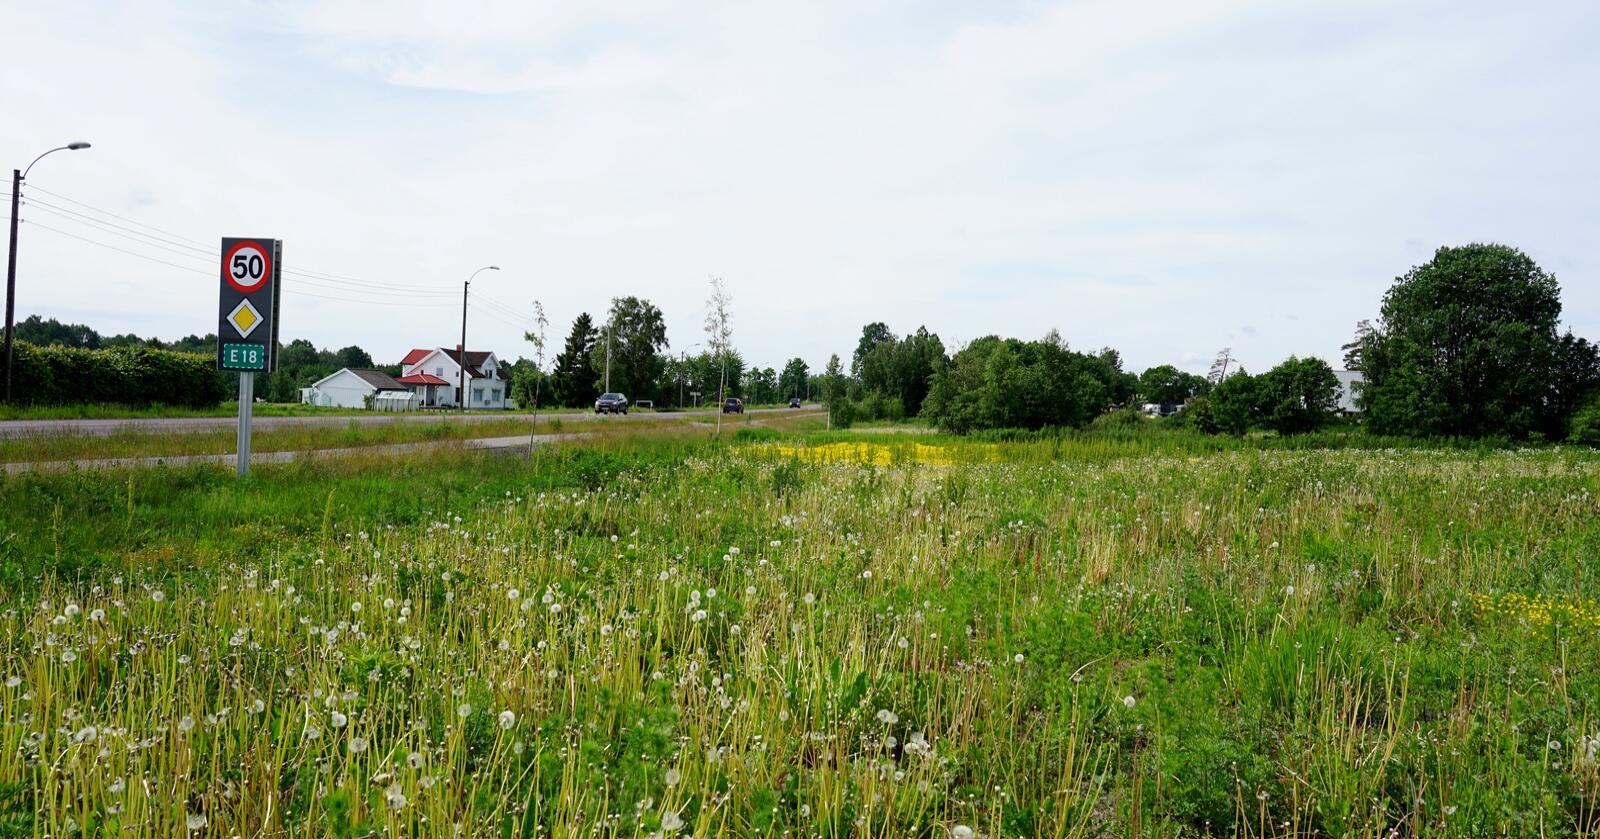 Dette jordet i Skolmar i Sandefjord har blitt vedtatt omdisponert og vil bli flyttet til eksisterende arealer som allerede er fulldyrket. Foto: Lars Bilit Hagen